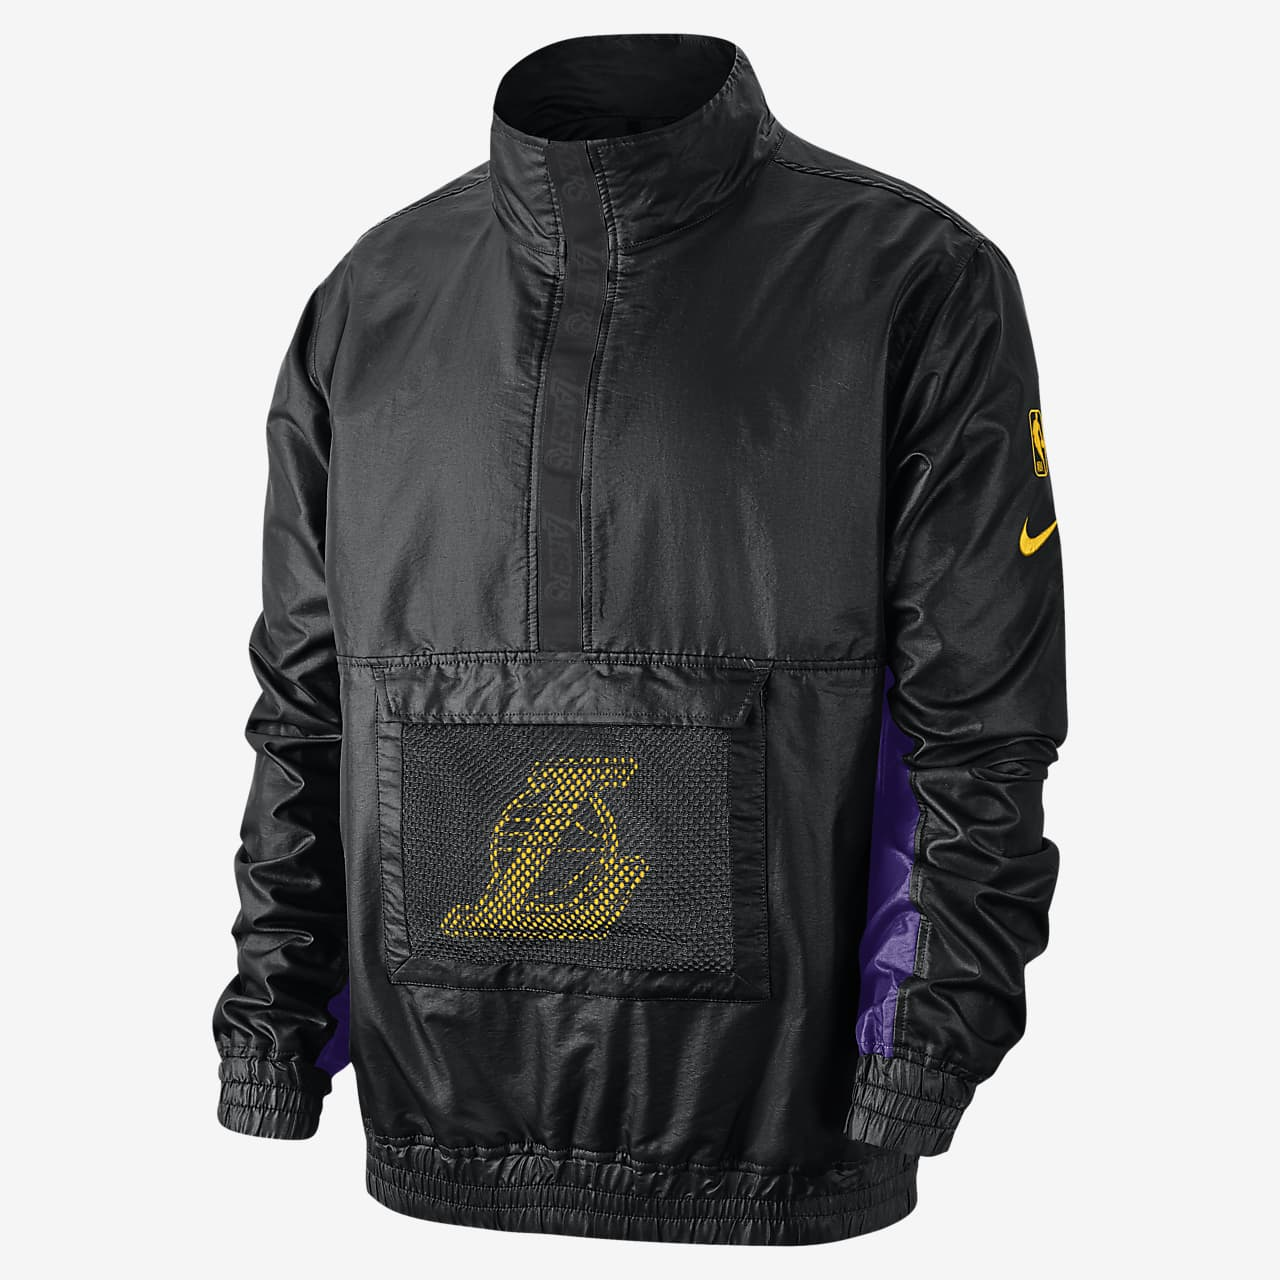 La chamarra de la NBA ligera para hombre Los Angeles Lakers Nike